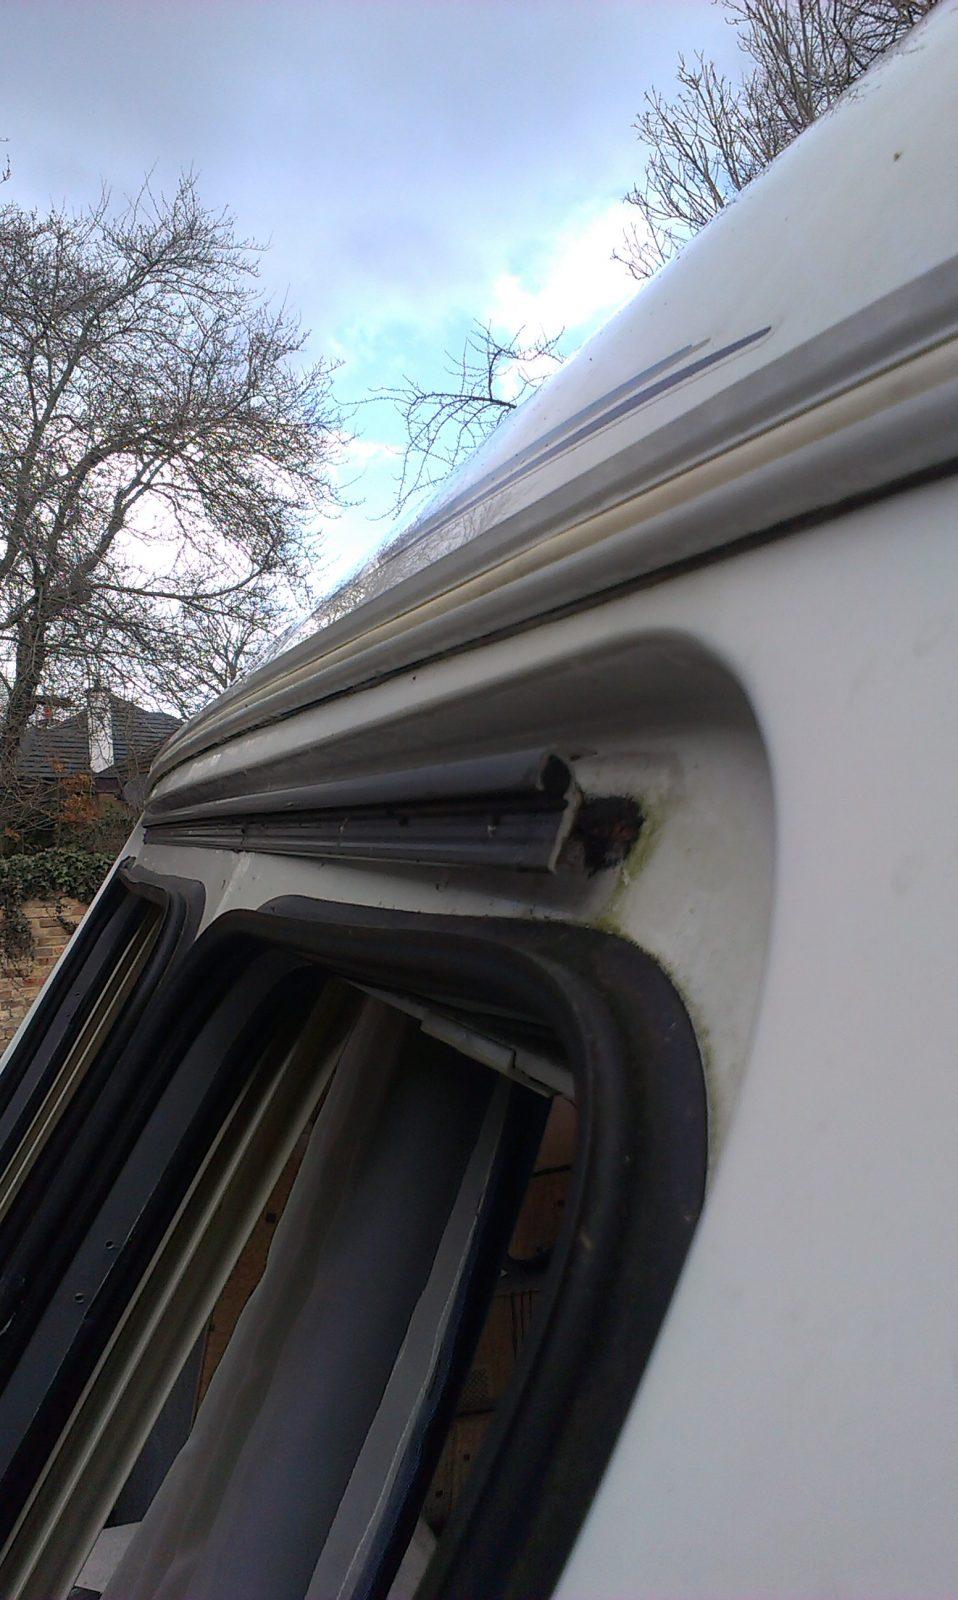 Garage Door Rubber Seal >> Bailey caravan window seals – Installing a Garage Door